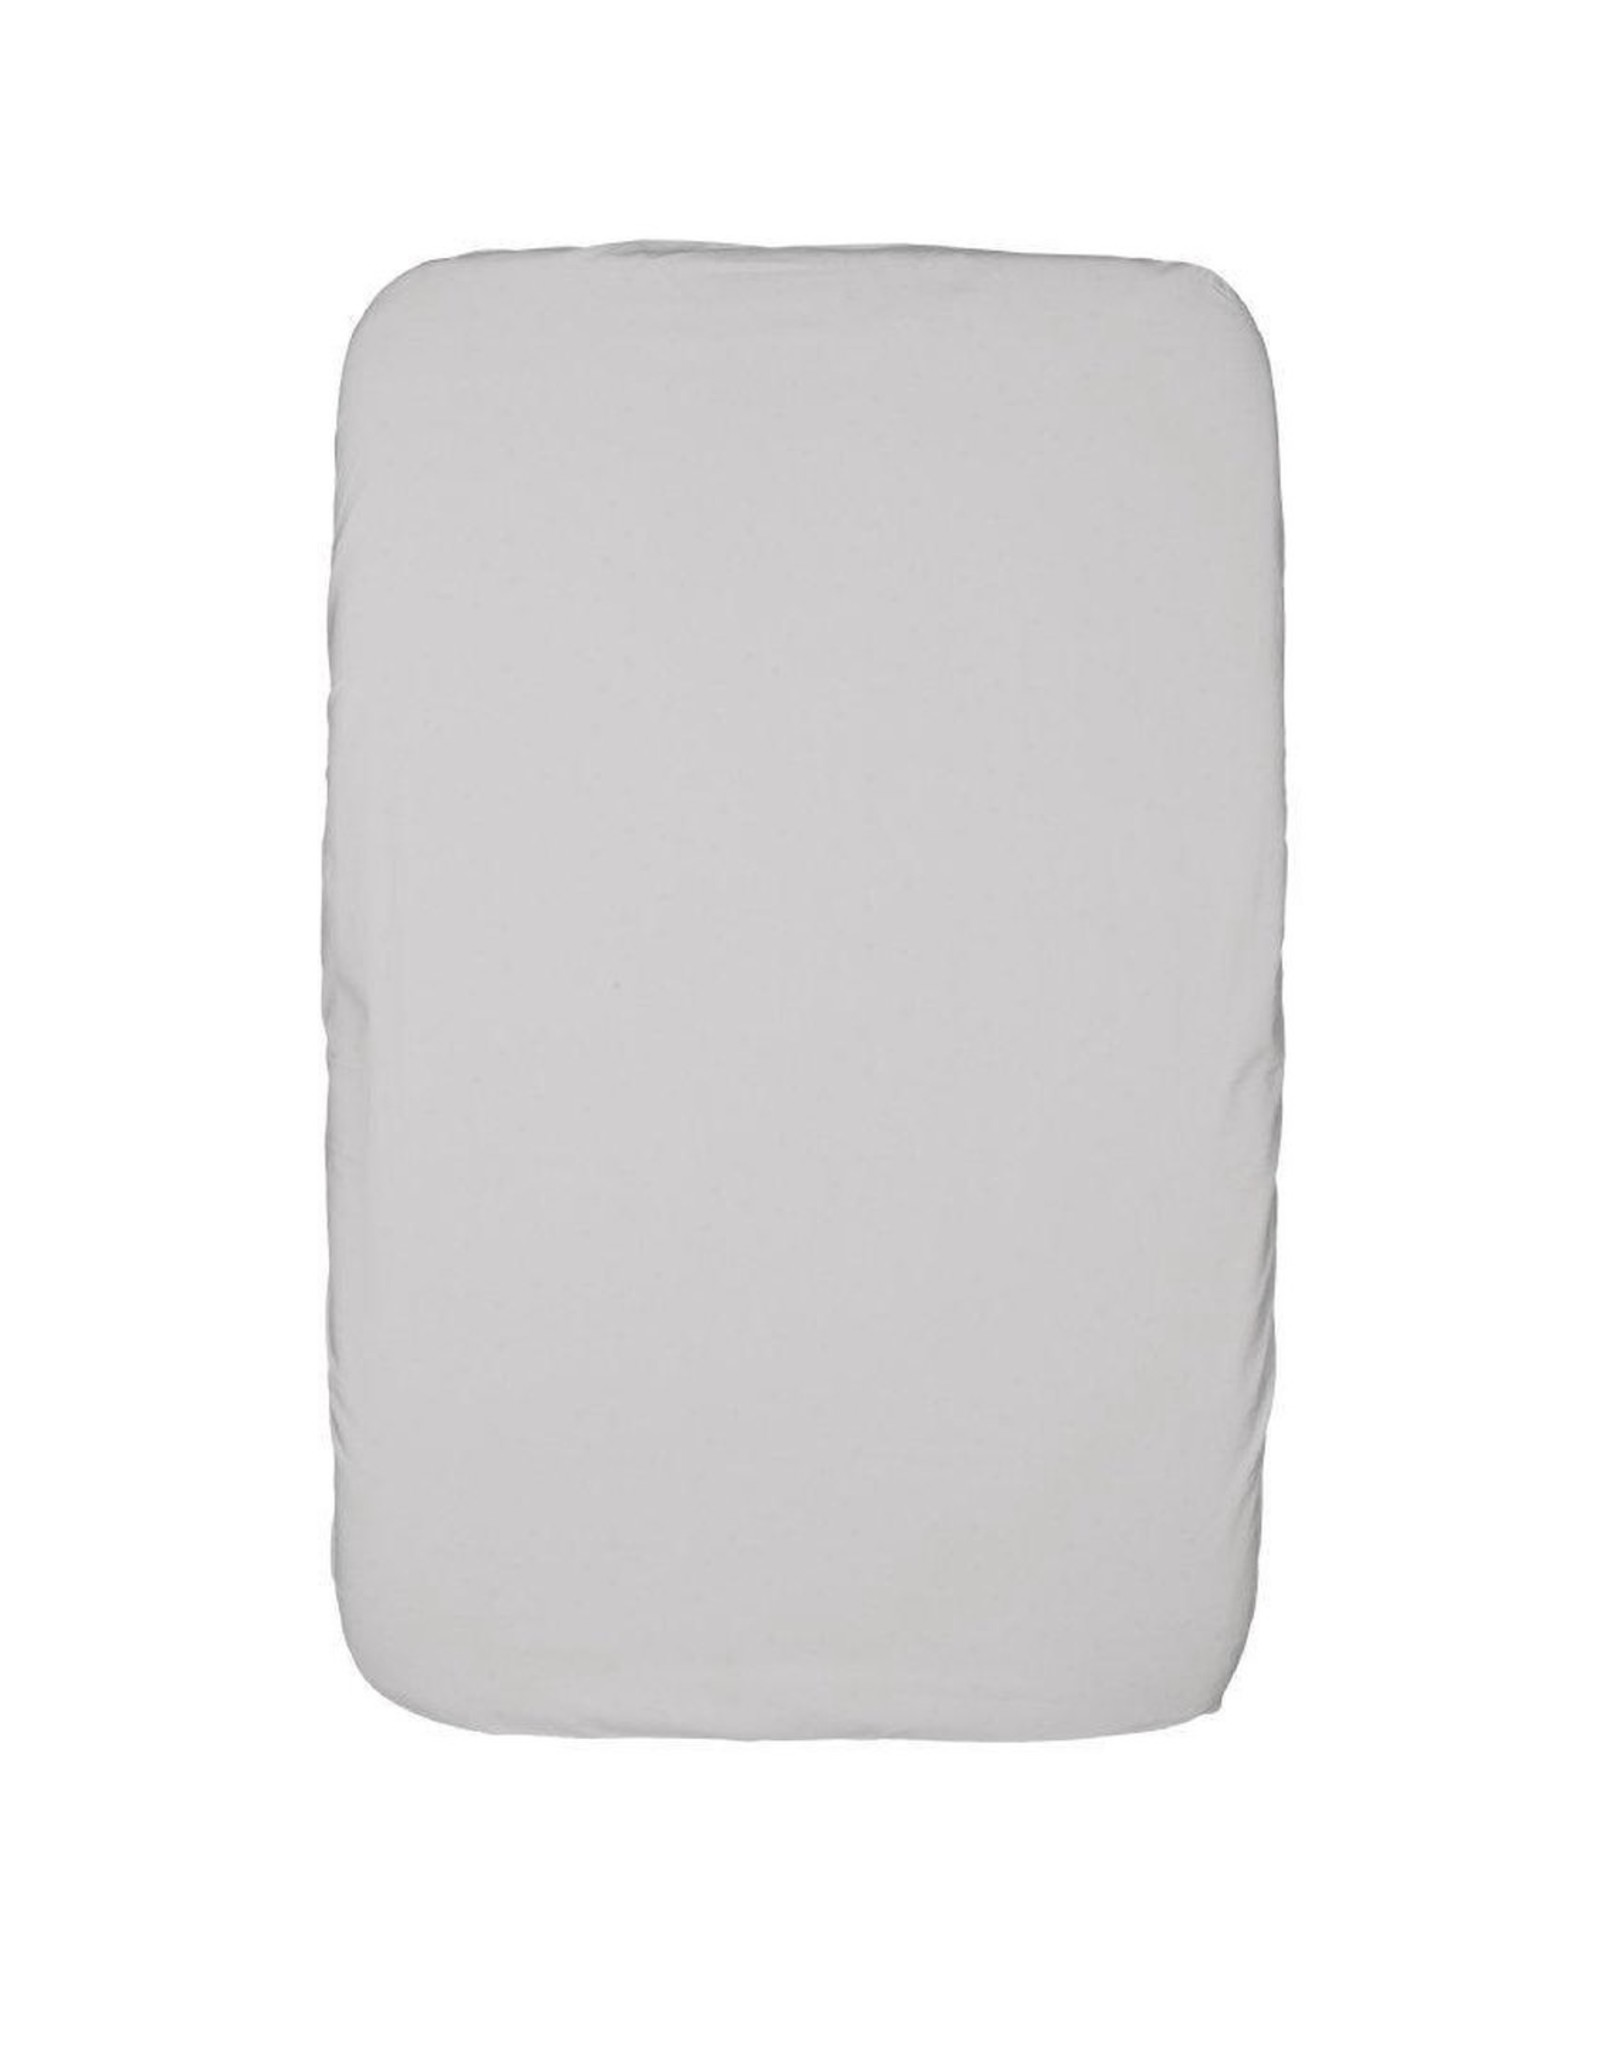 Chicco Chicco - Next2Me - Hoeslakentje voor babymatras - 3-delige set inclusief kussensloop en donsdeken